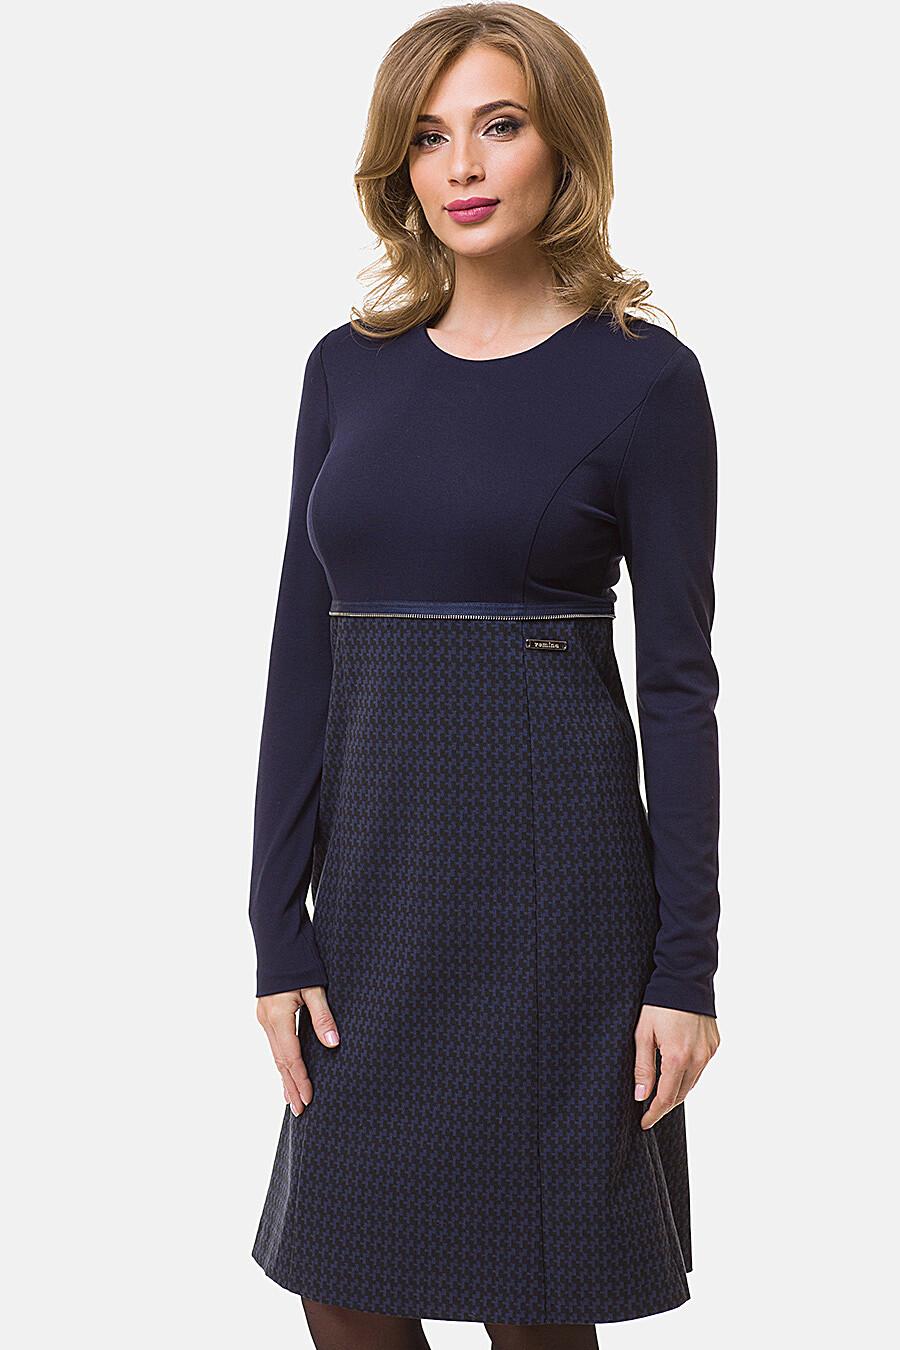 Платье для женщин Vemina 103838 купить оптом от производителя. Совместная покупка женской одежды в OptMoyo